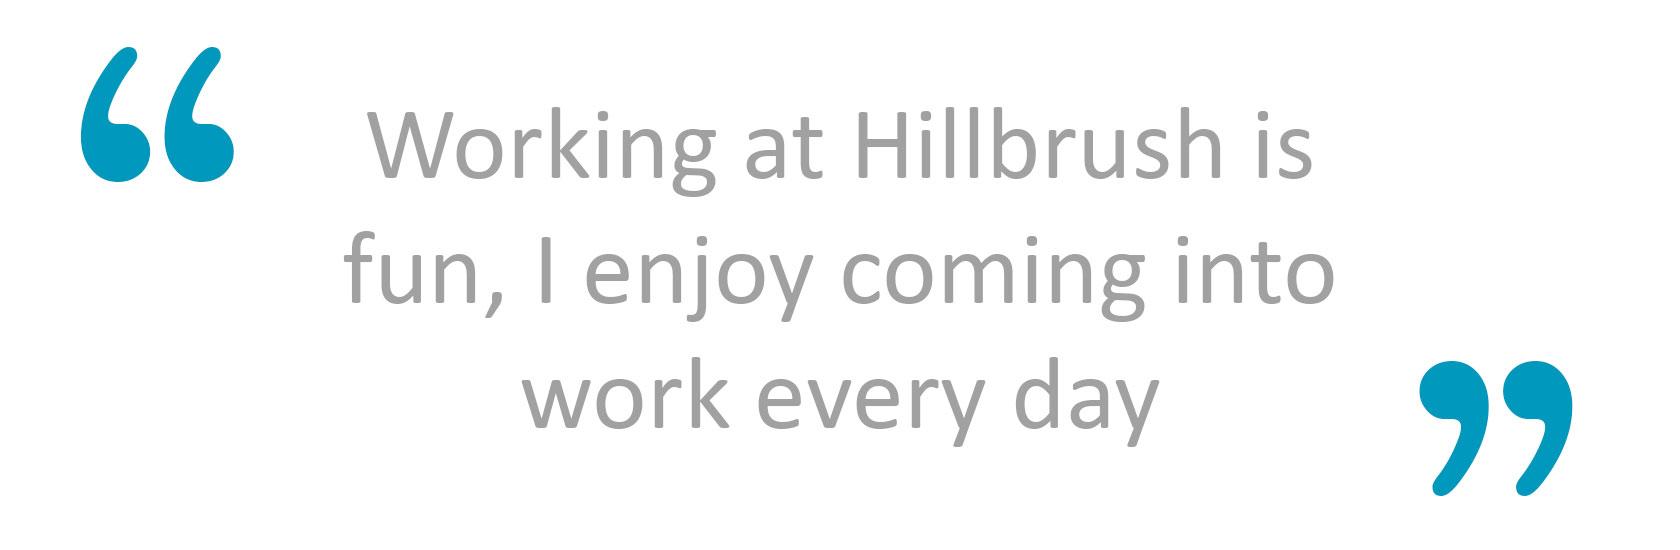 Working at Hillbrush is fun